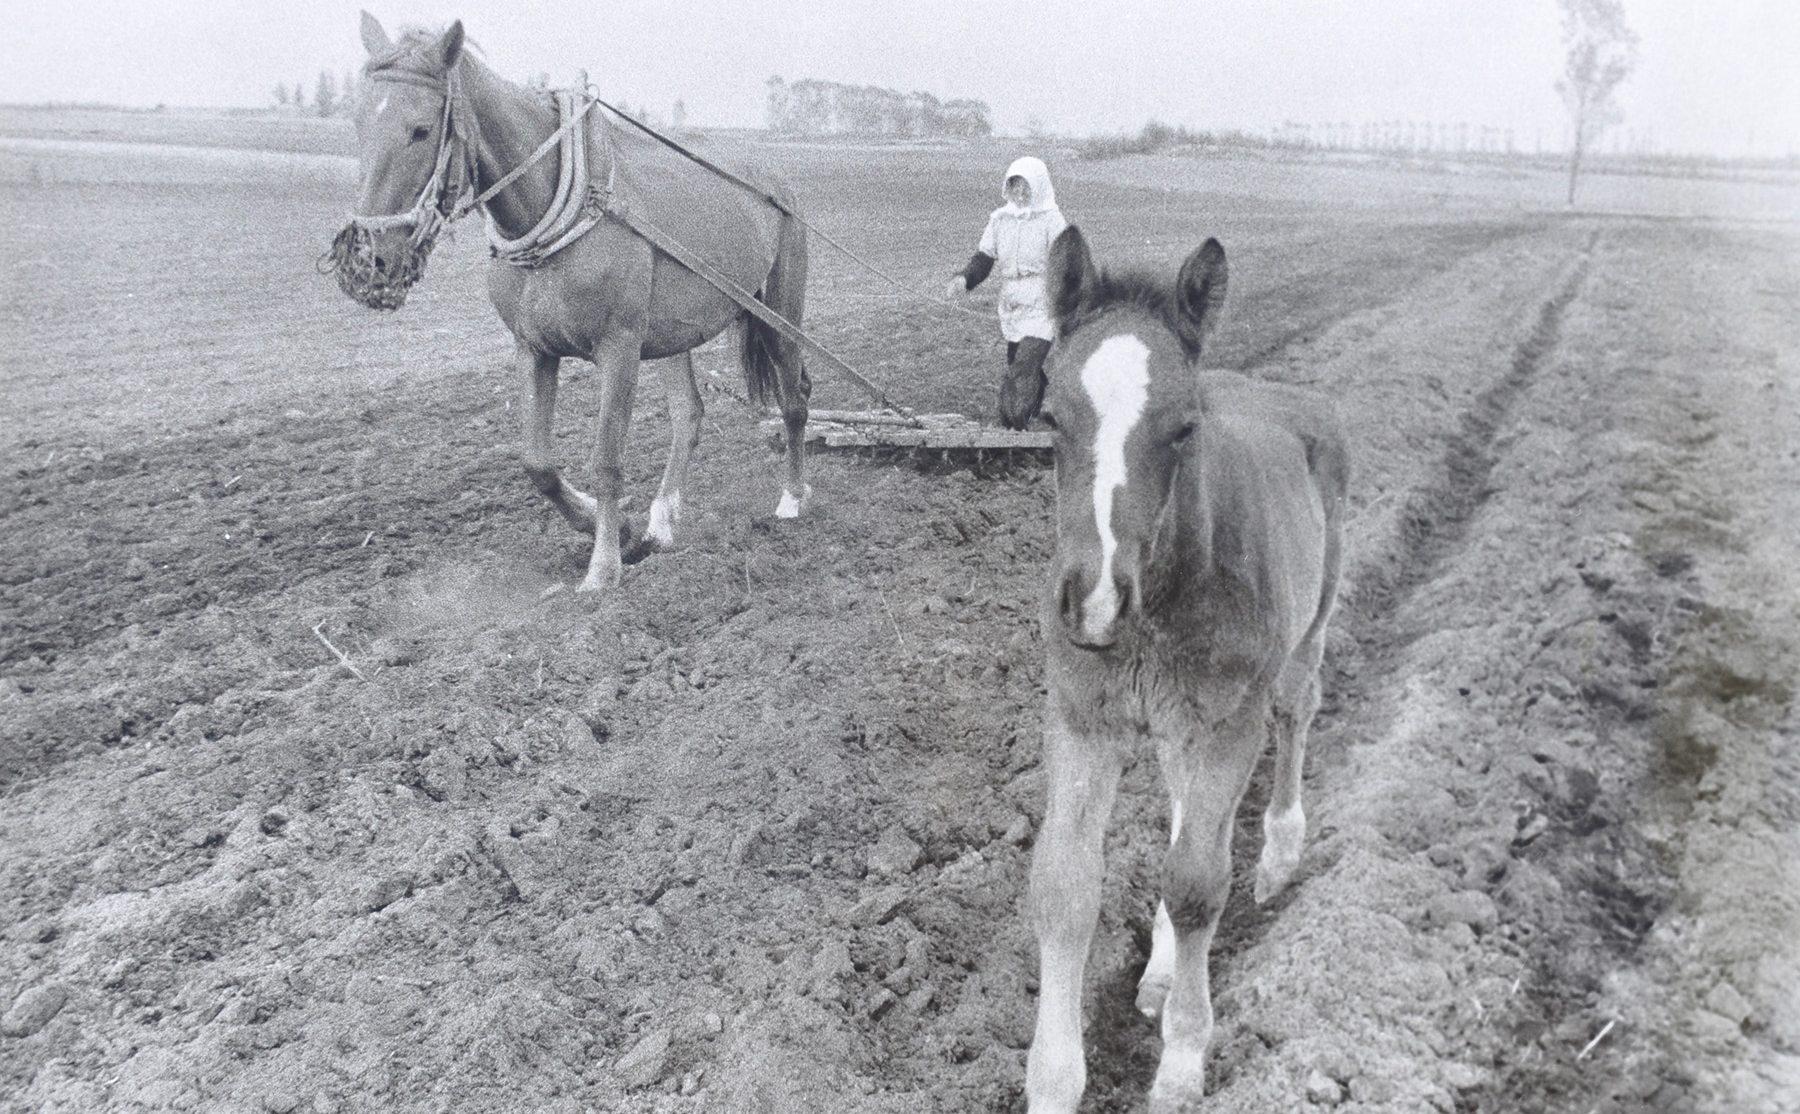 人と馬はいかに関わってきたのか~十勝における馬の歴史を紐解く~